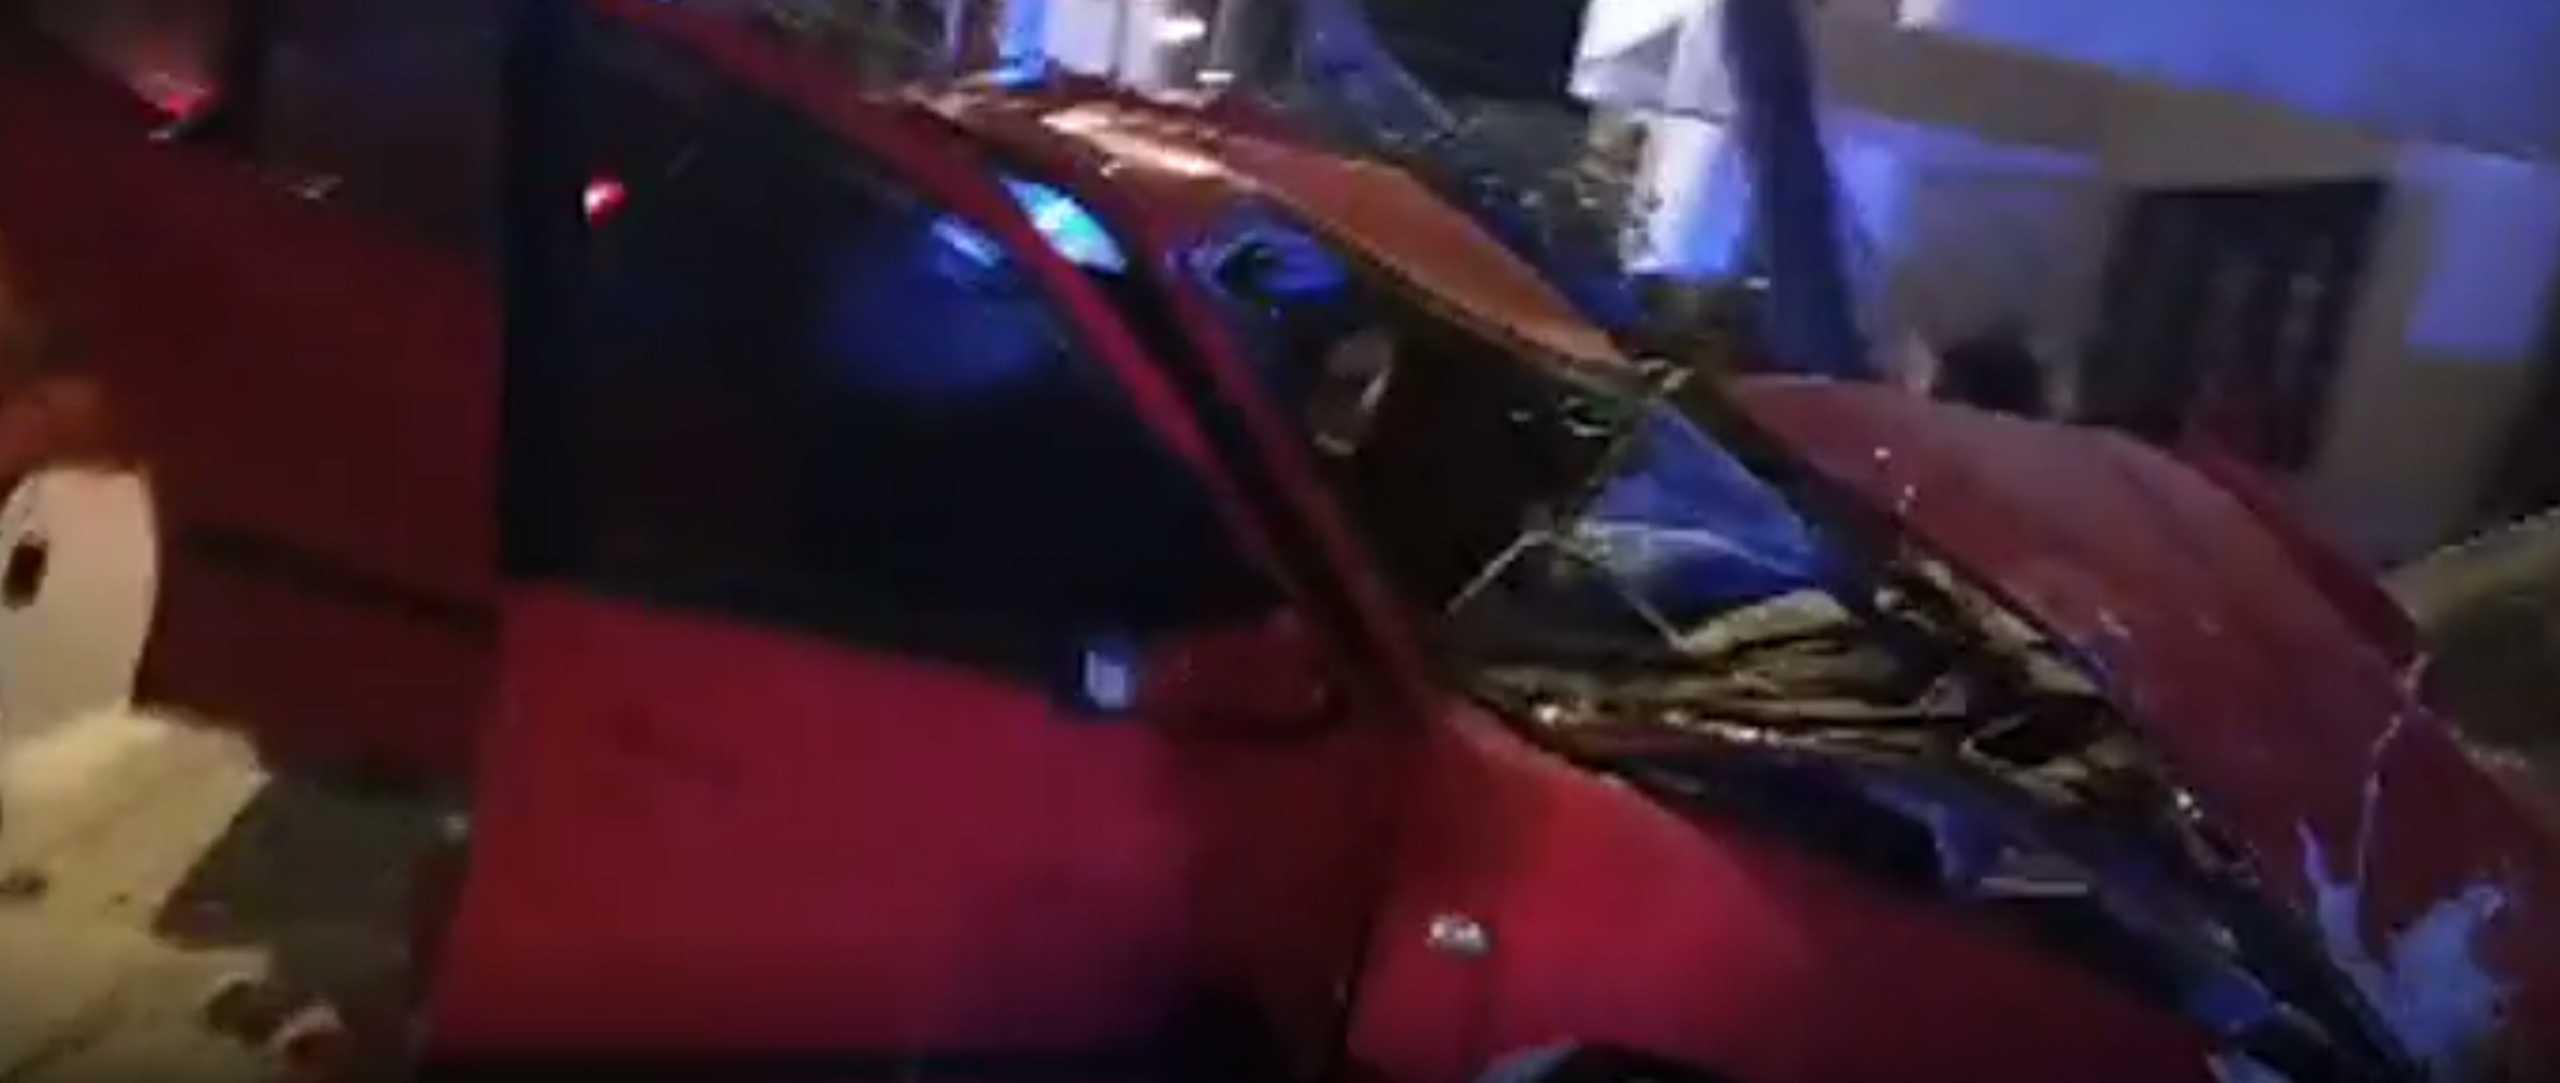 Κόρινθος: Αυτοκίνητο «καρφώθηκε» σε μάντρα – Έβγαλαν βαριά τραυματισμένο τον οδηγό (pic)